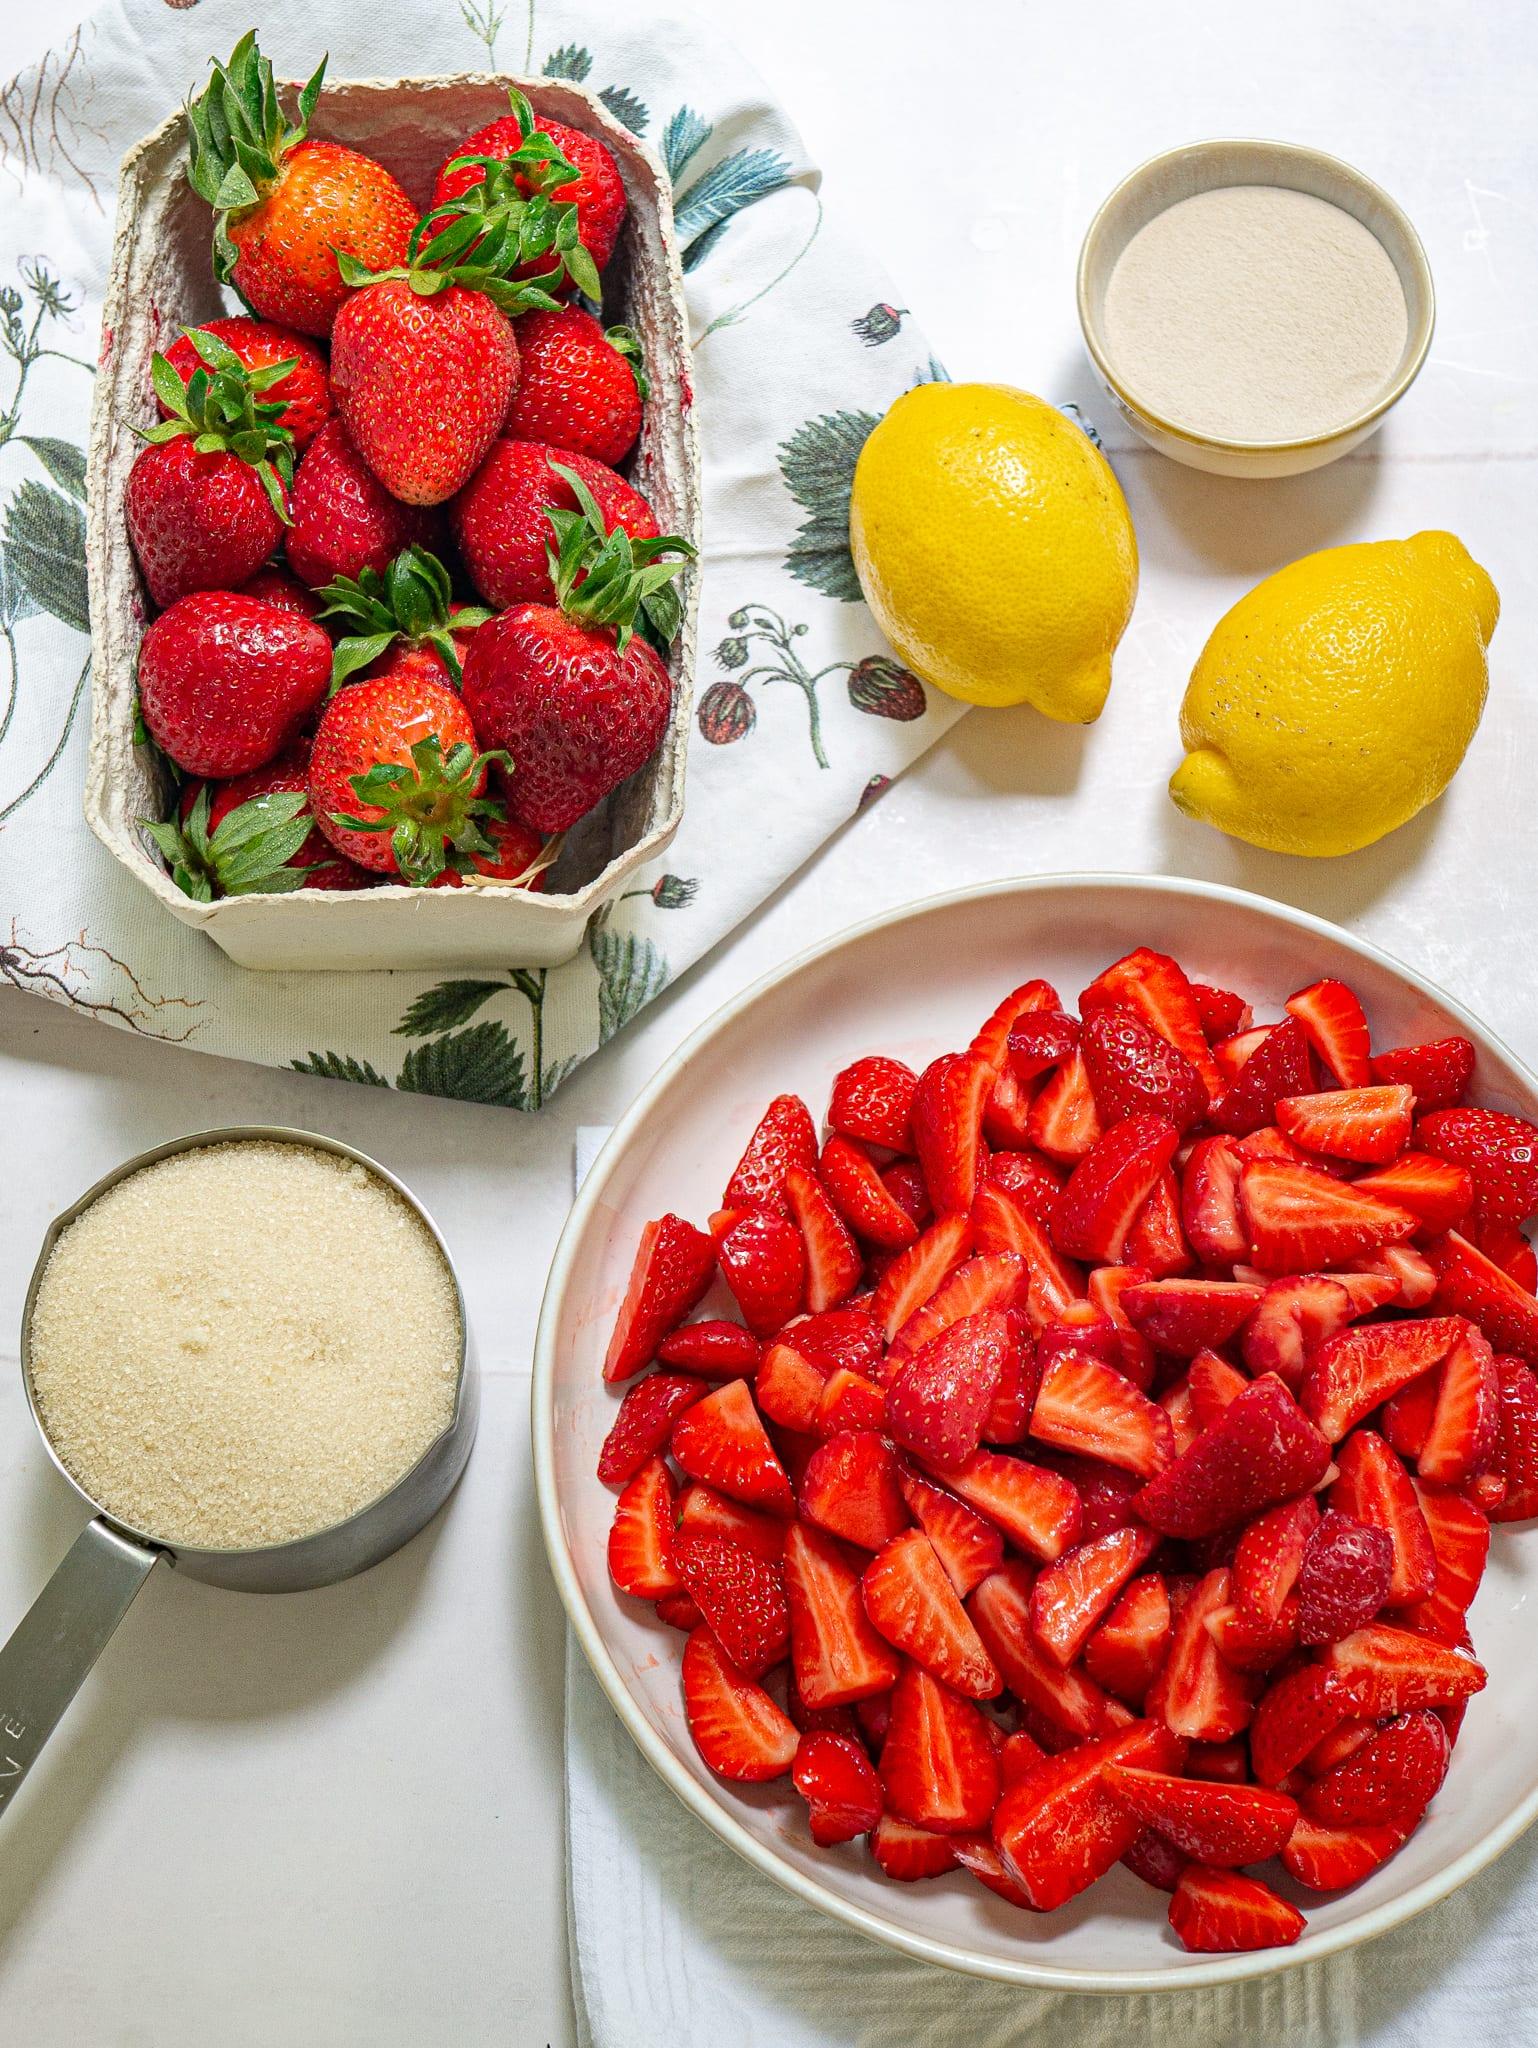 ingredienti per una buona marmellata di fragole fatta in casa